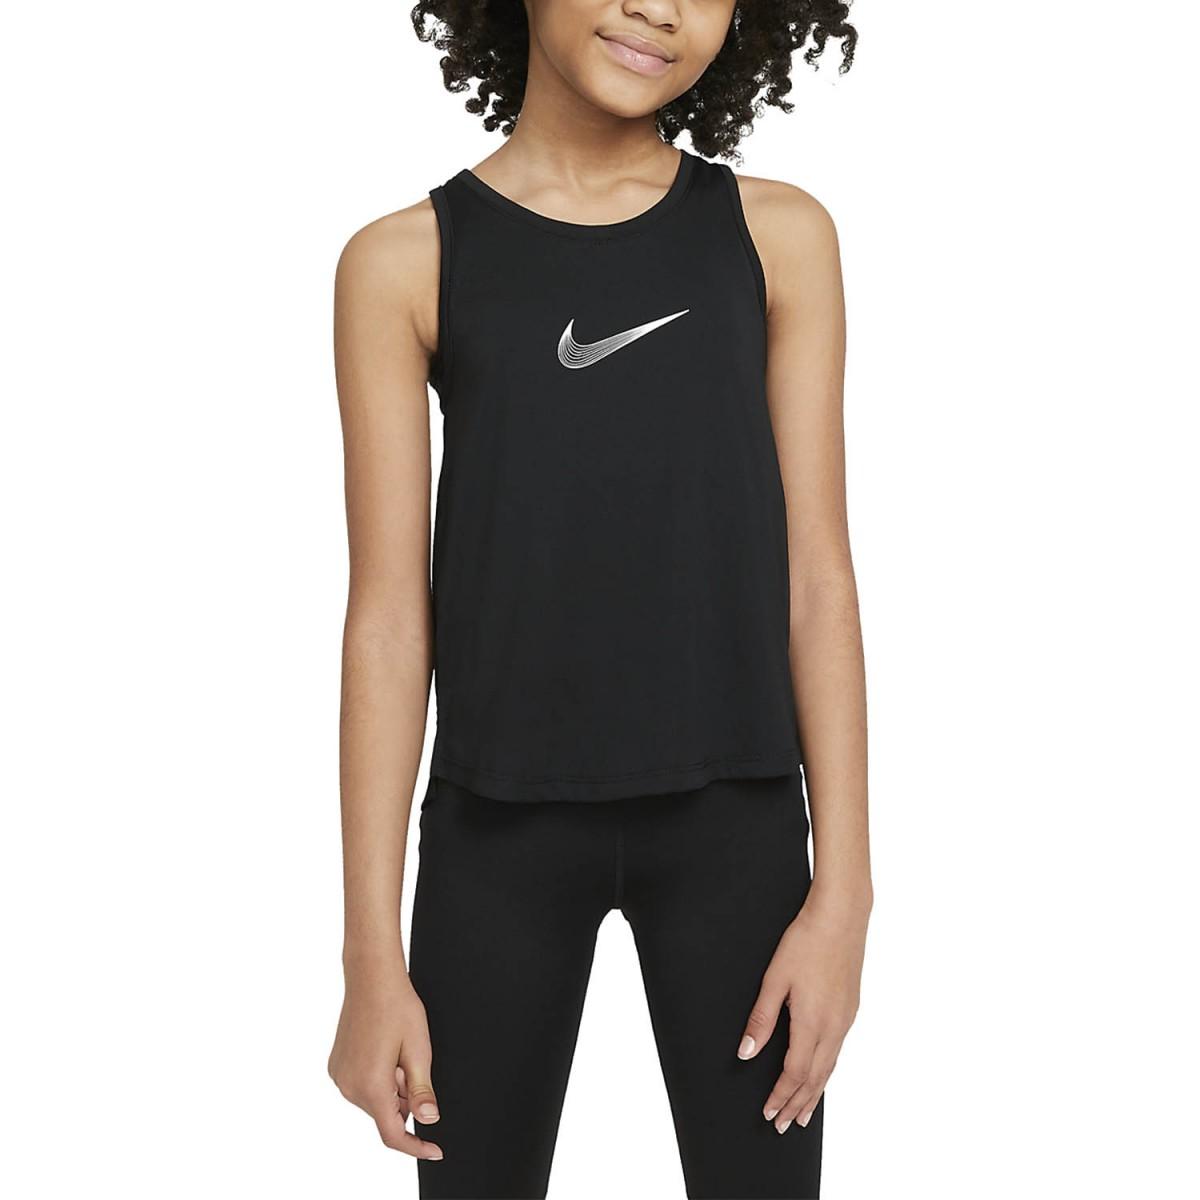 Теннисная майка для девочек Nike Dry Trophy Tank black/white